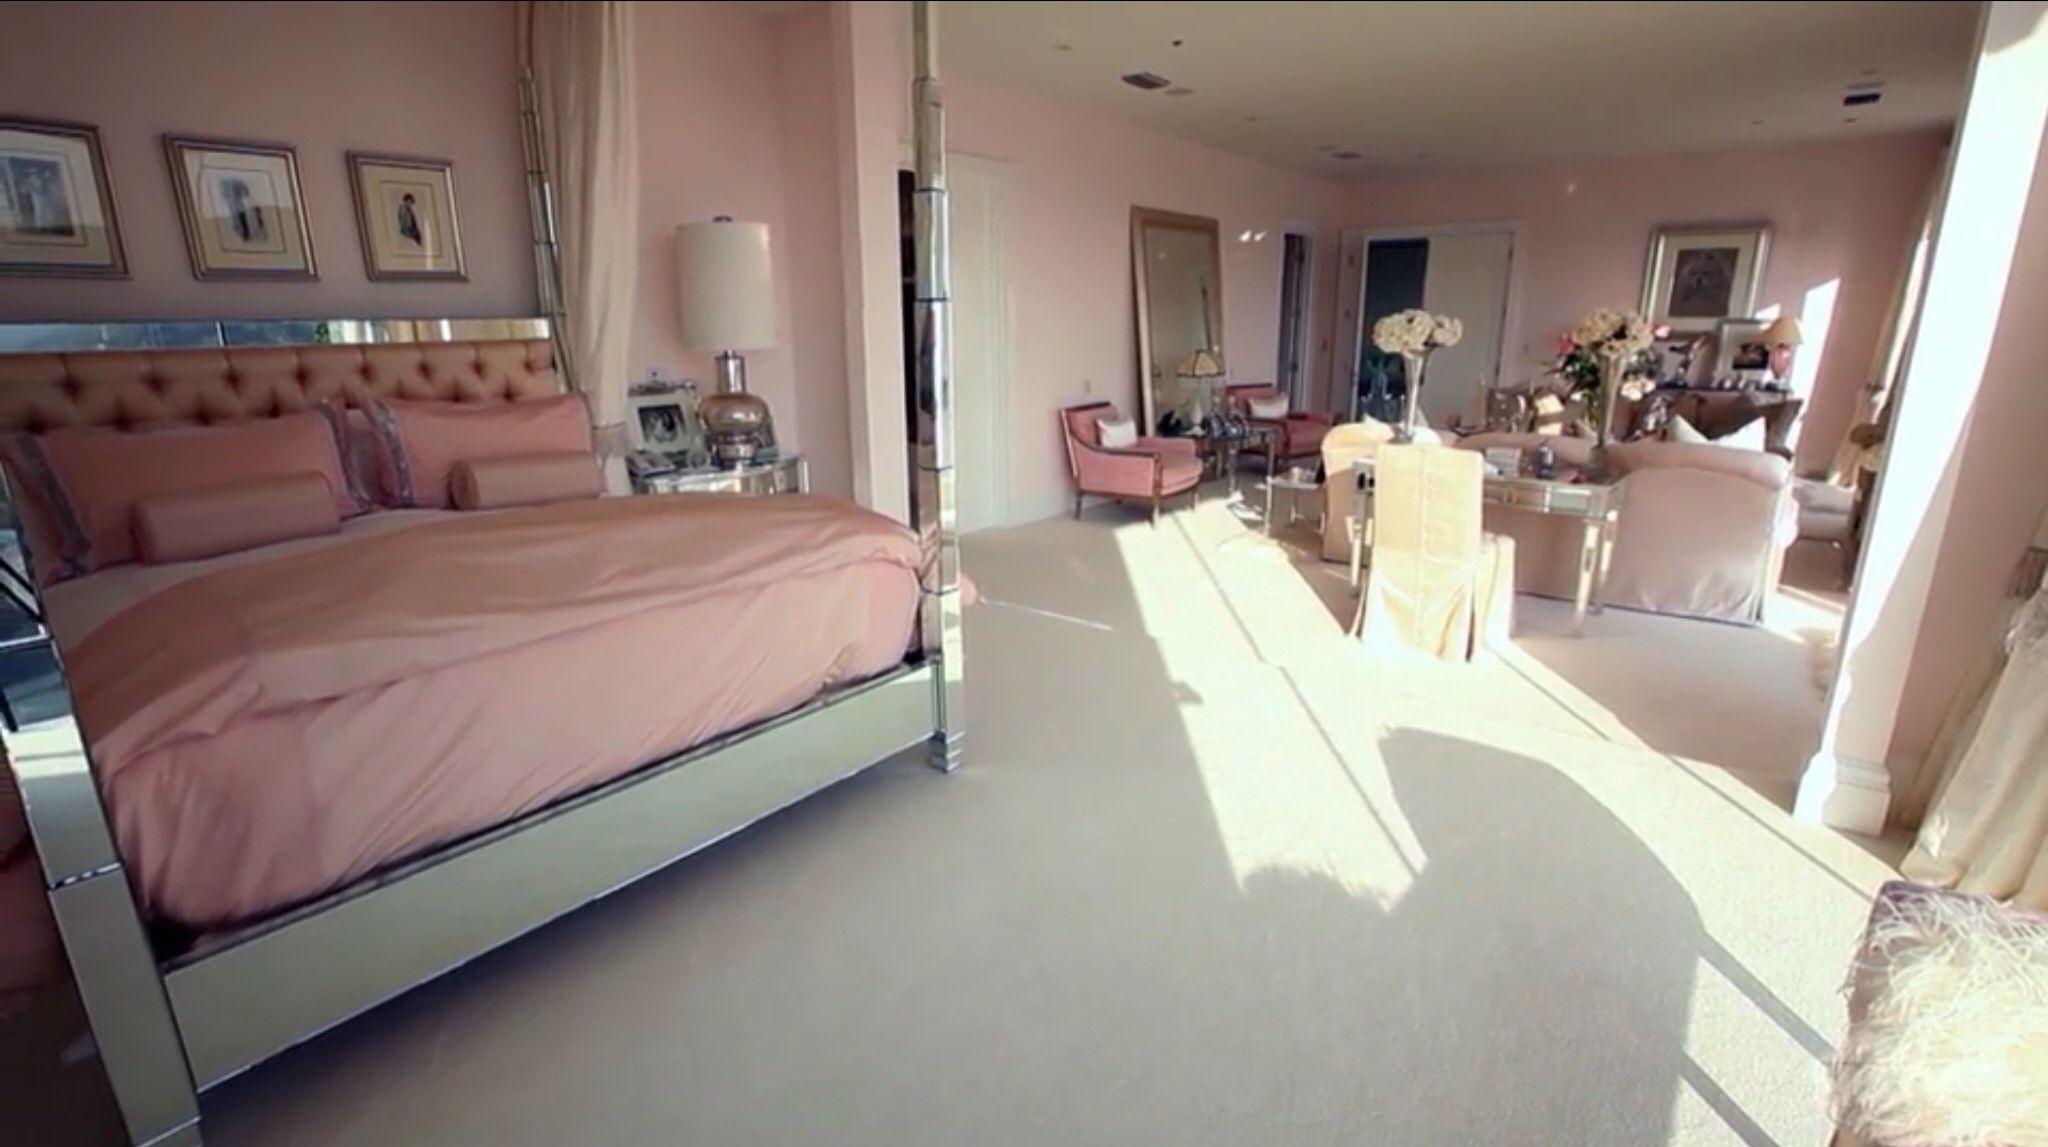 Villa Rosa Master Bedroom Bed Lisa Vanderpump Home